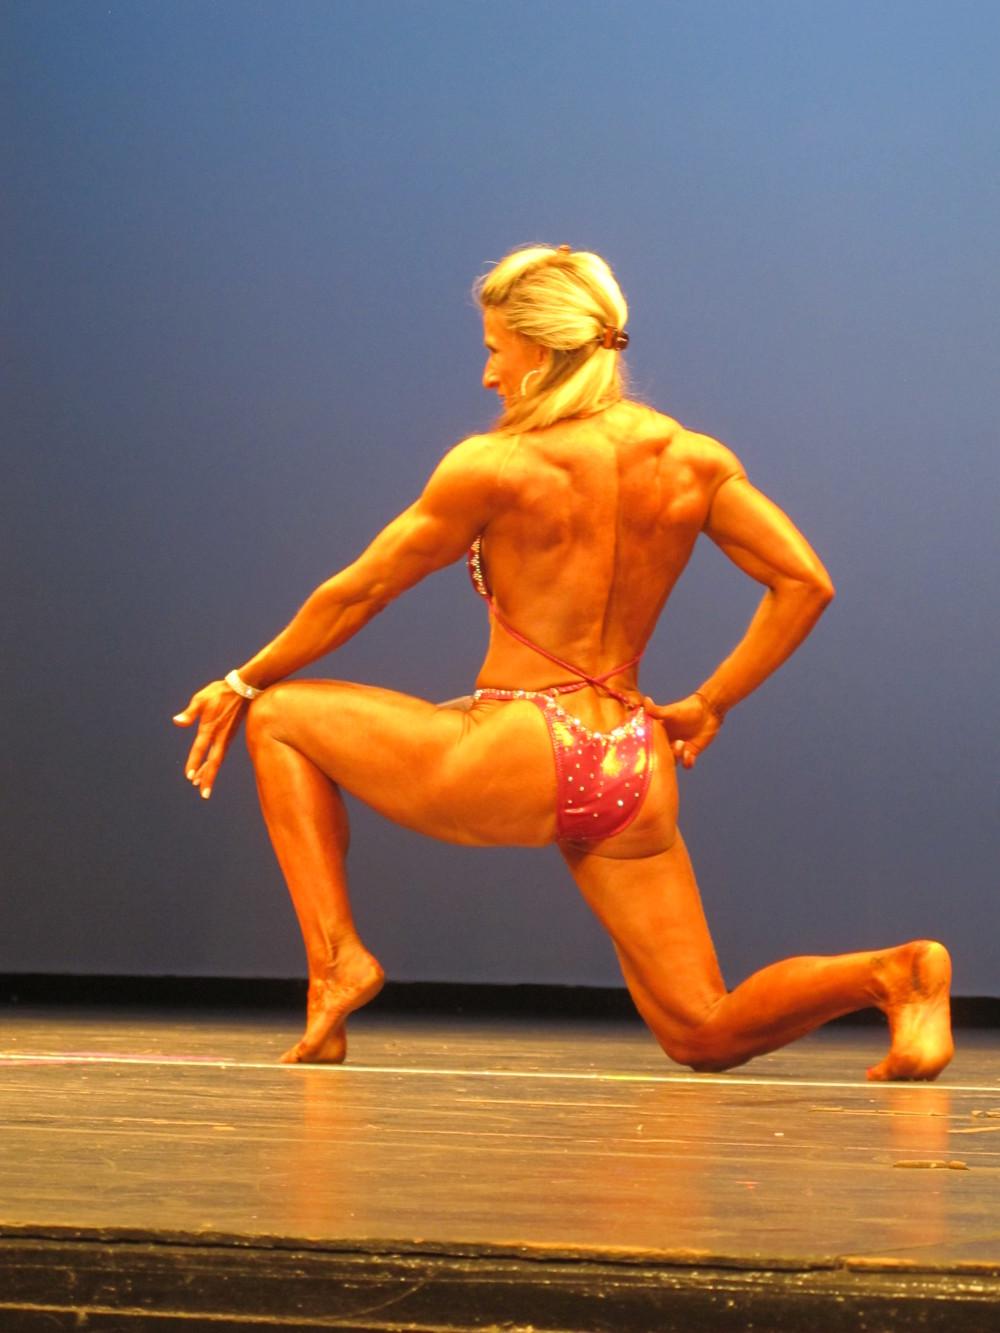 bodybuilding 133.jpg